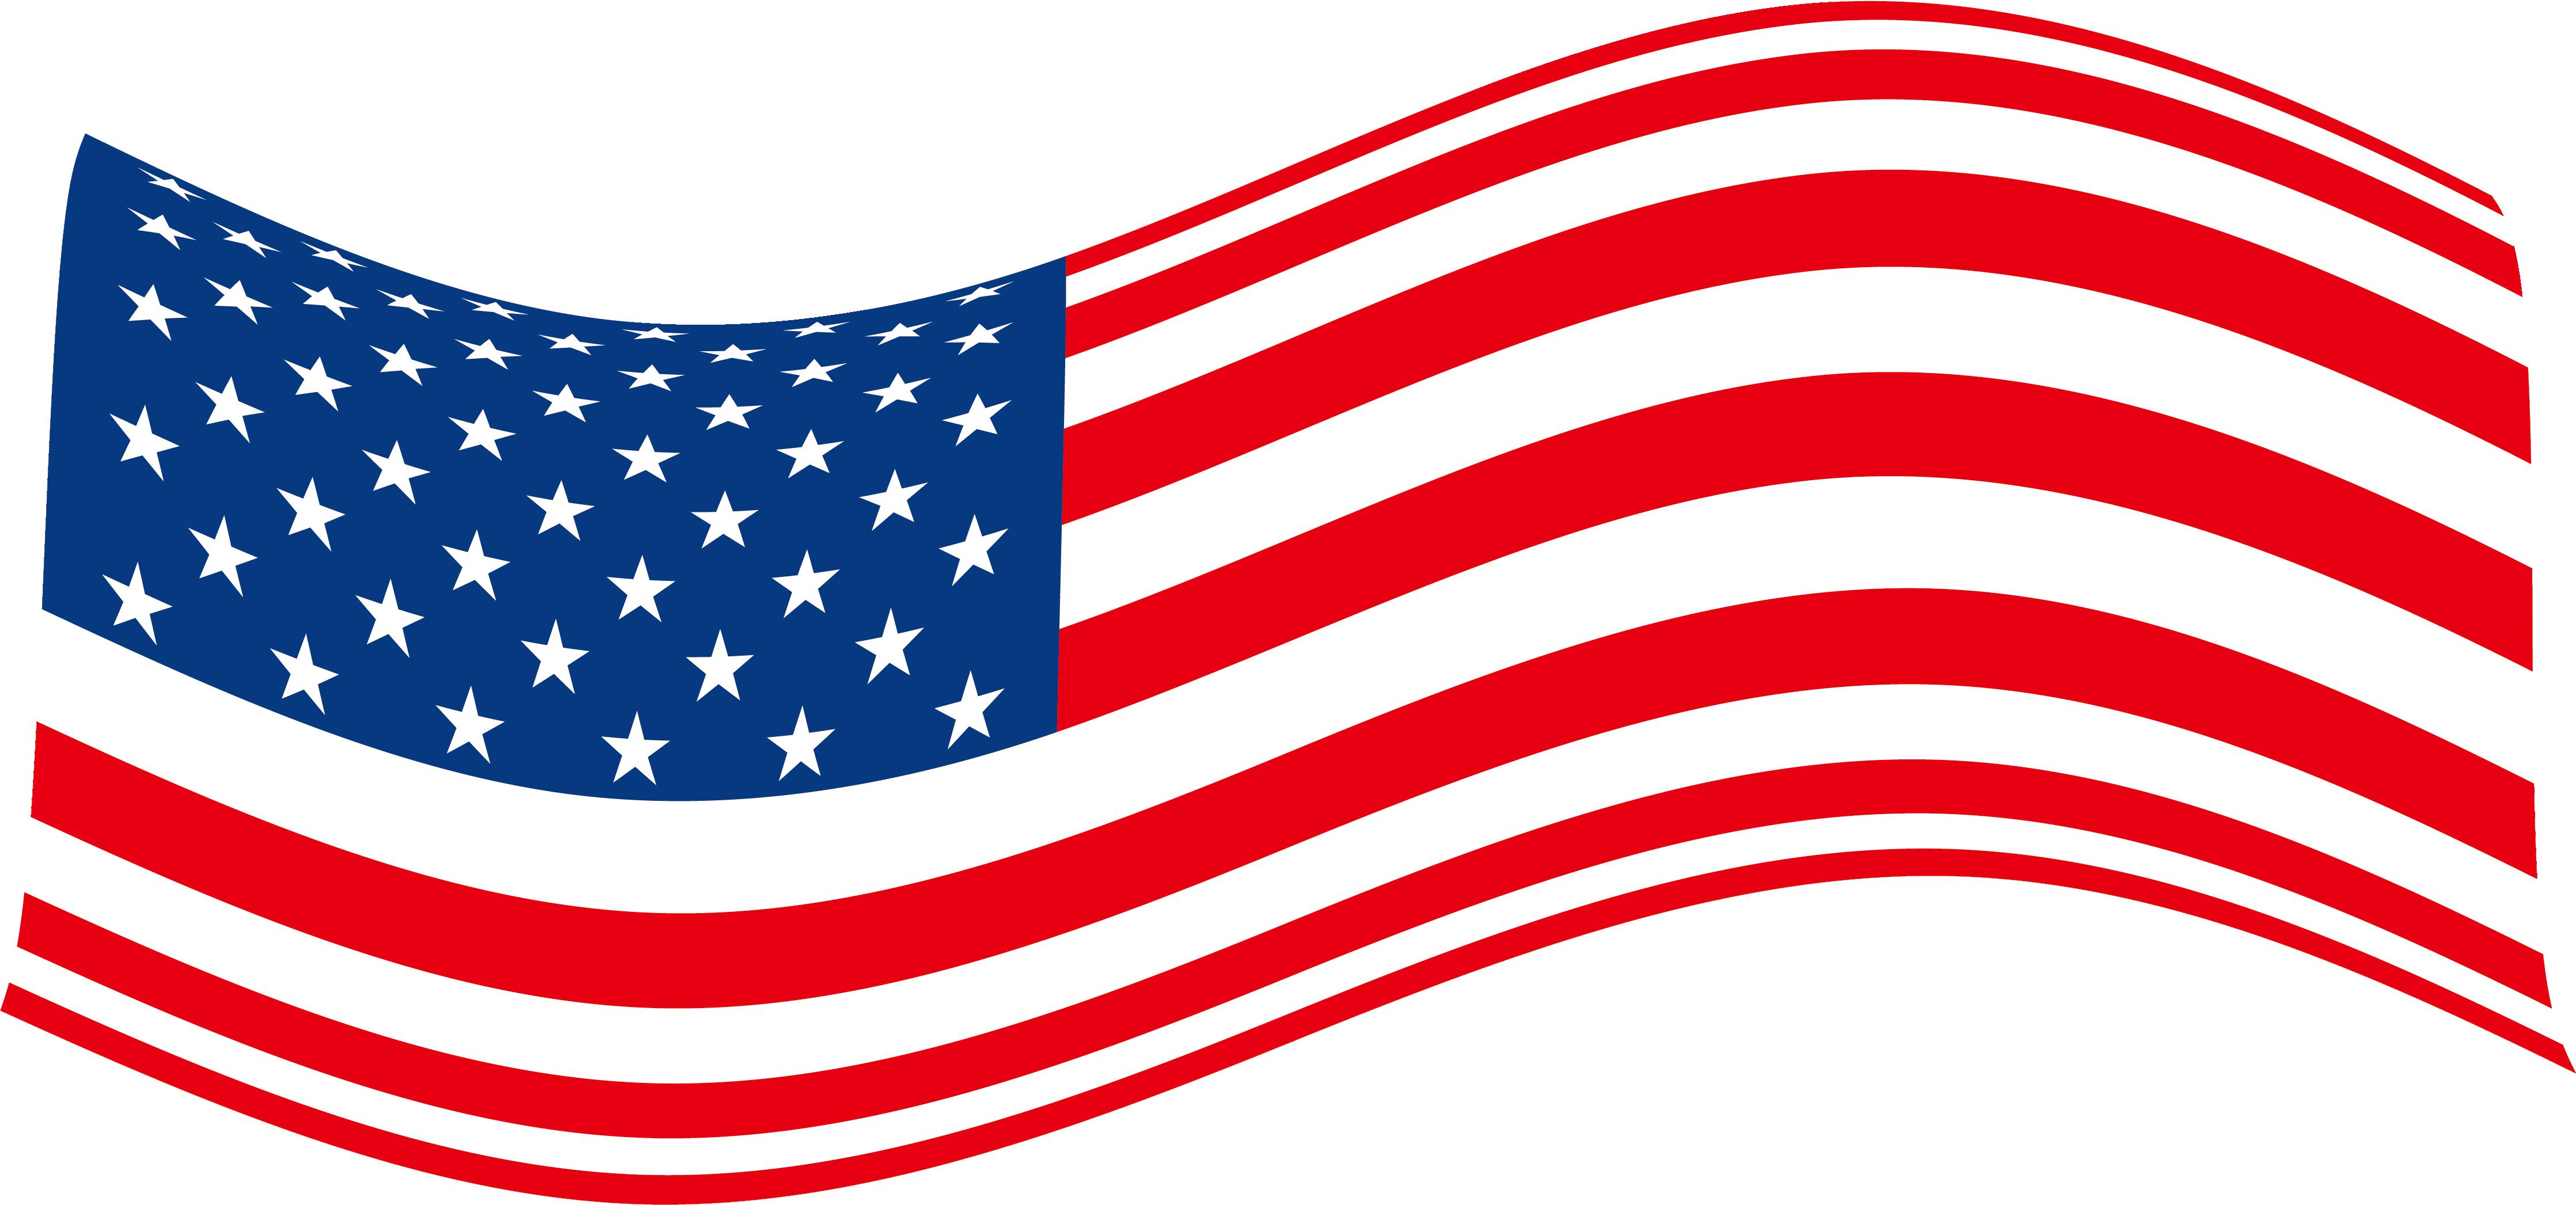 Veterans flag clipart jpg stock Fun pics & images jpg stock